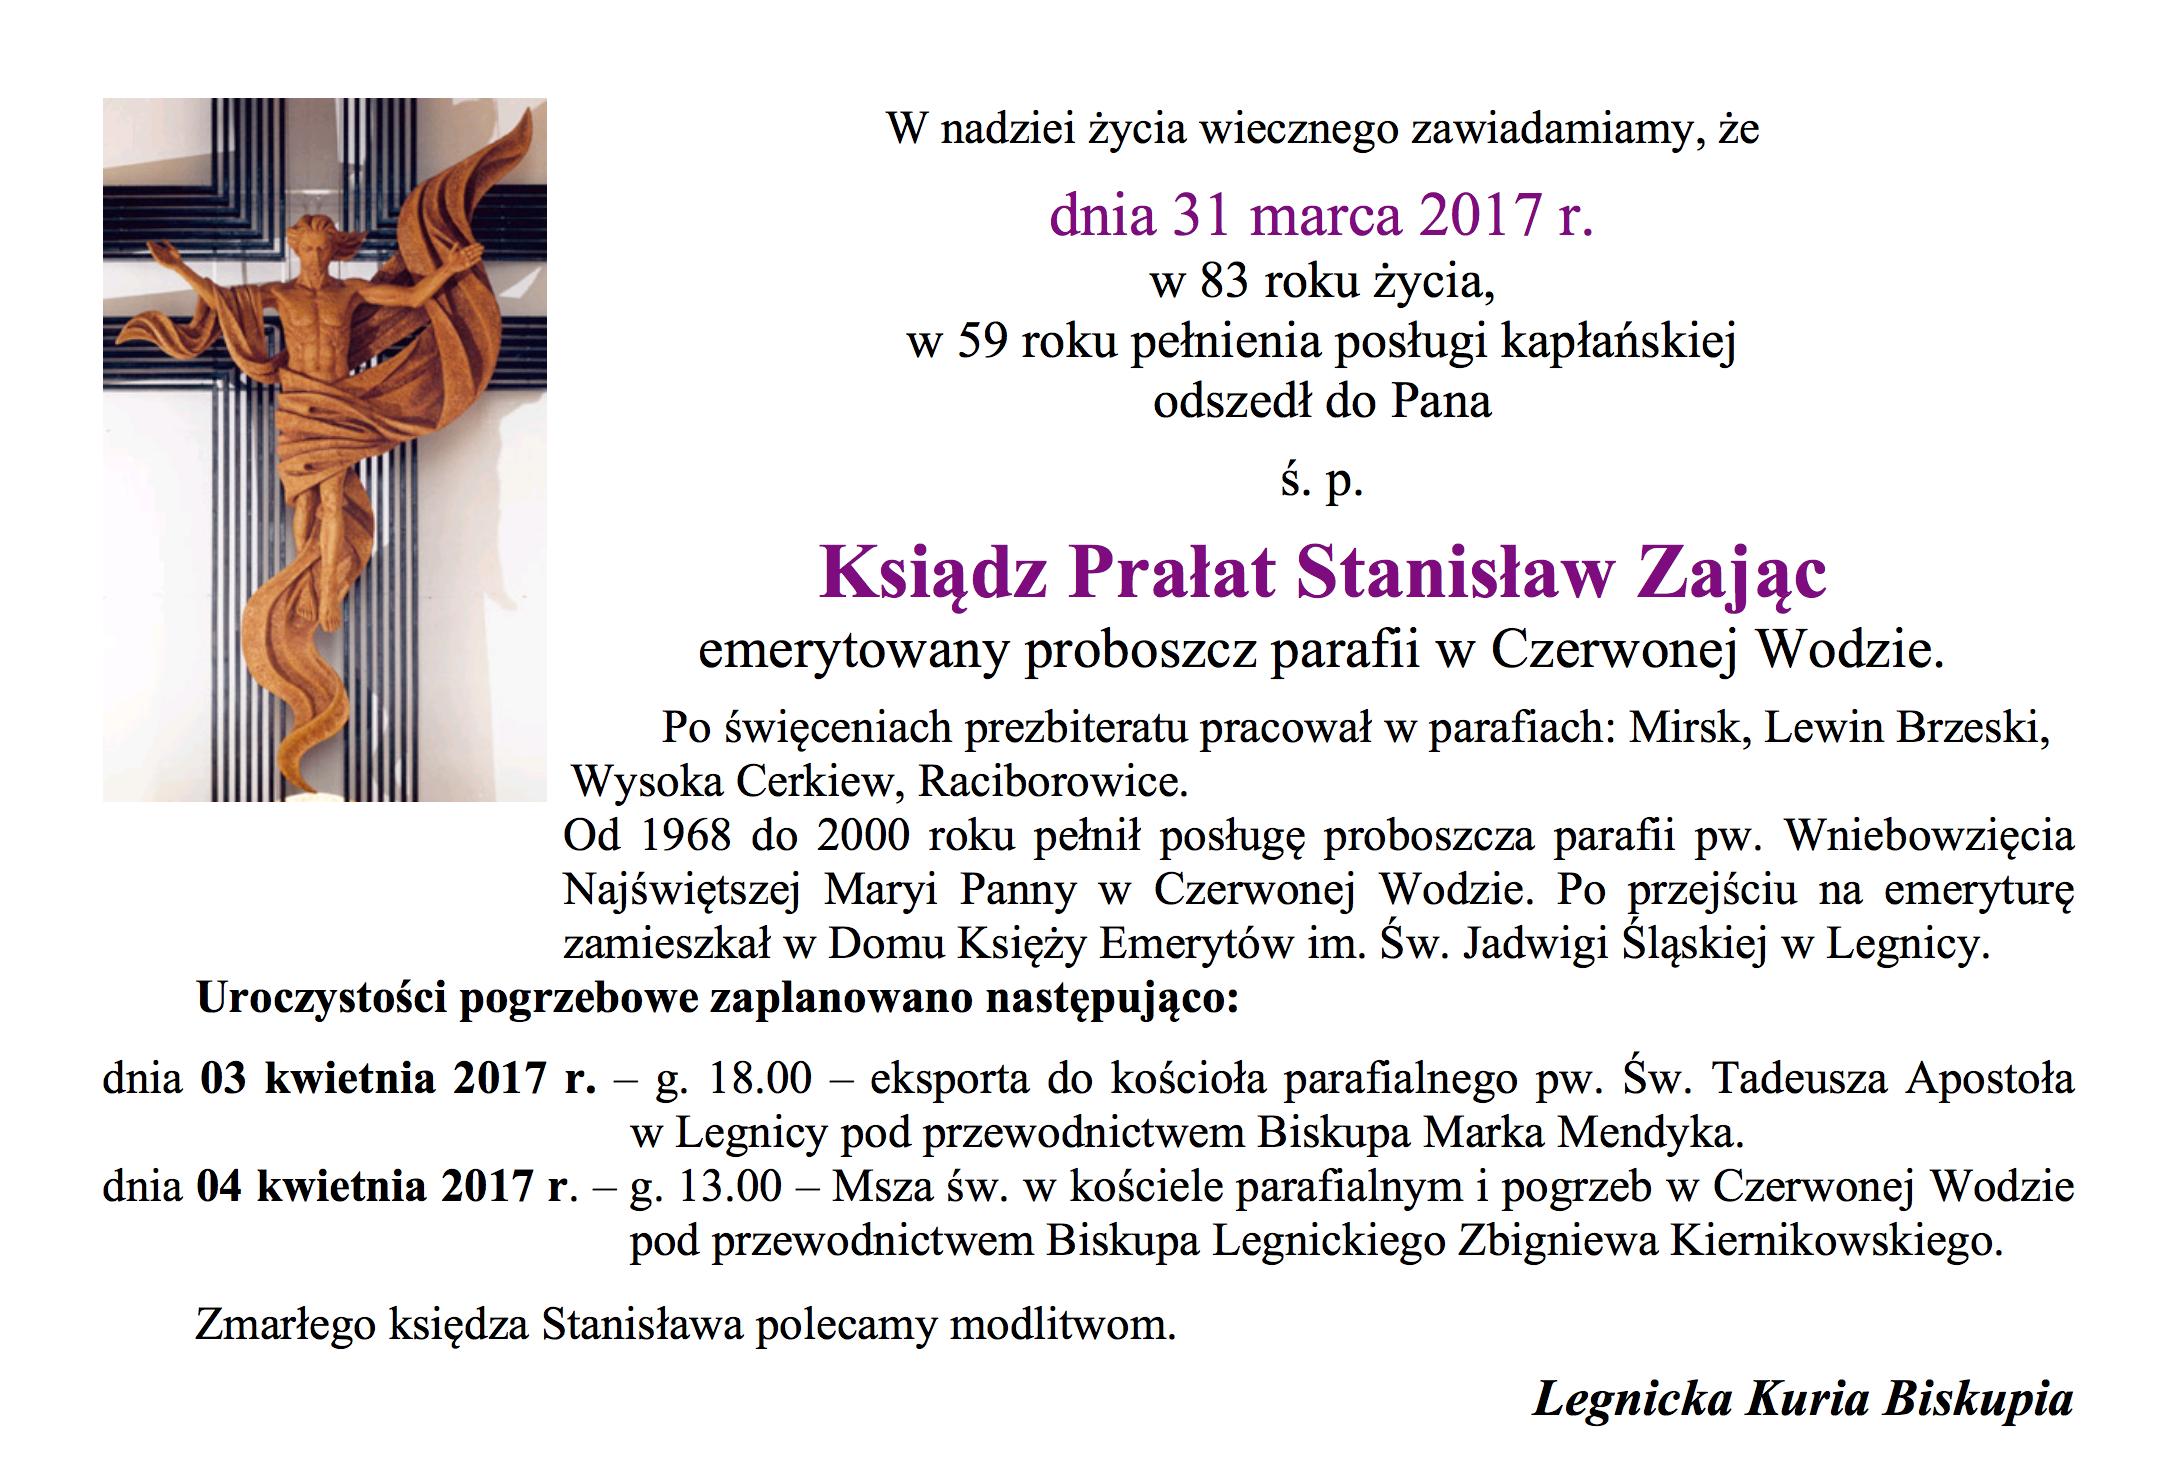 Zmarł Ksiądz Prałat Stanisław Zając